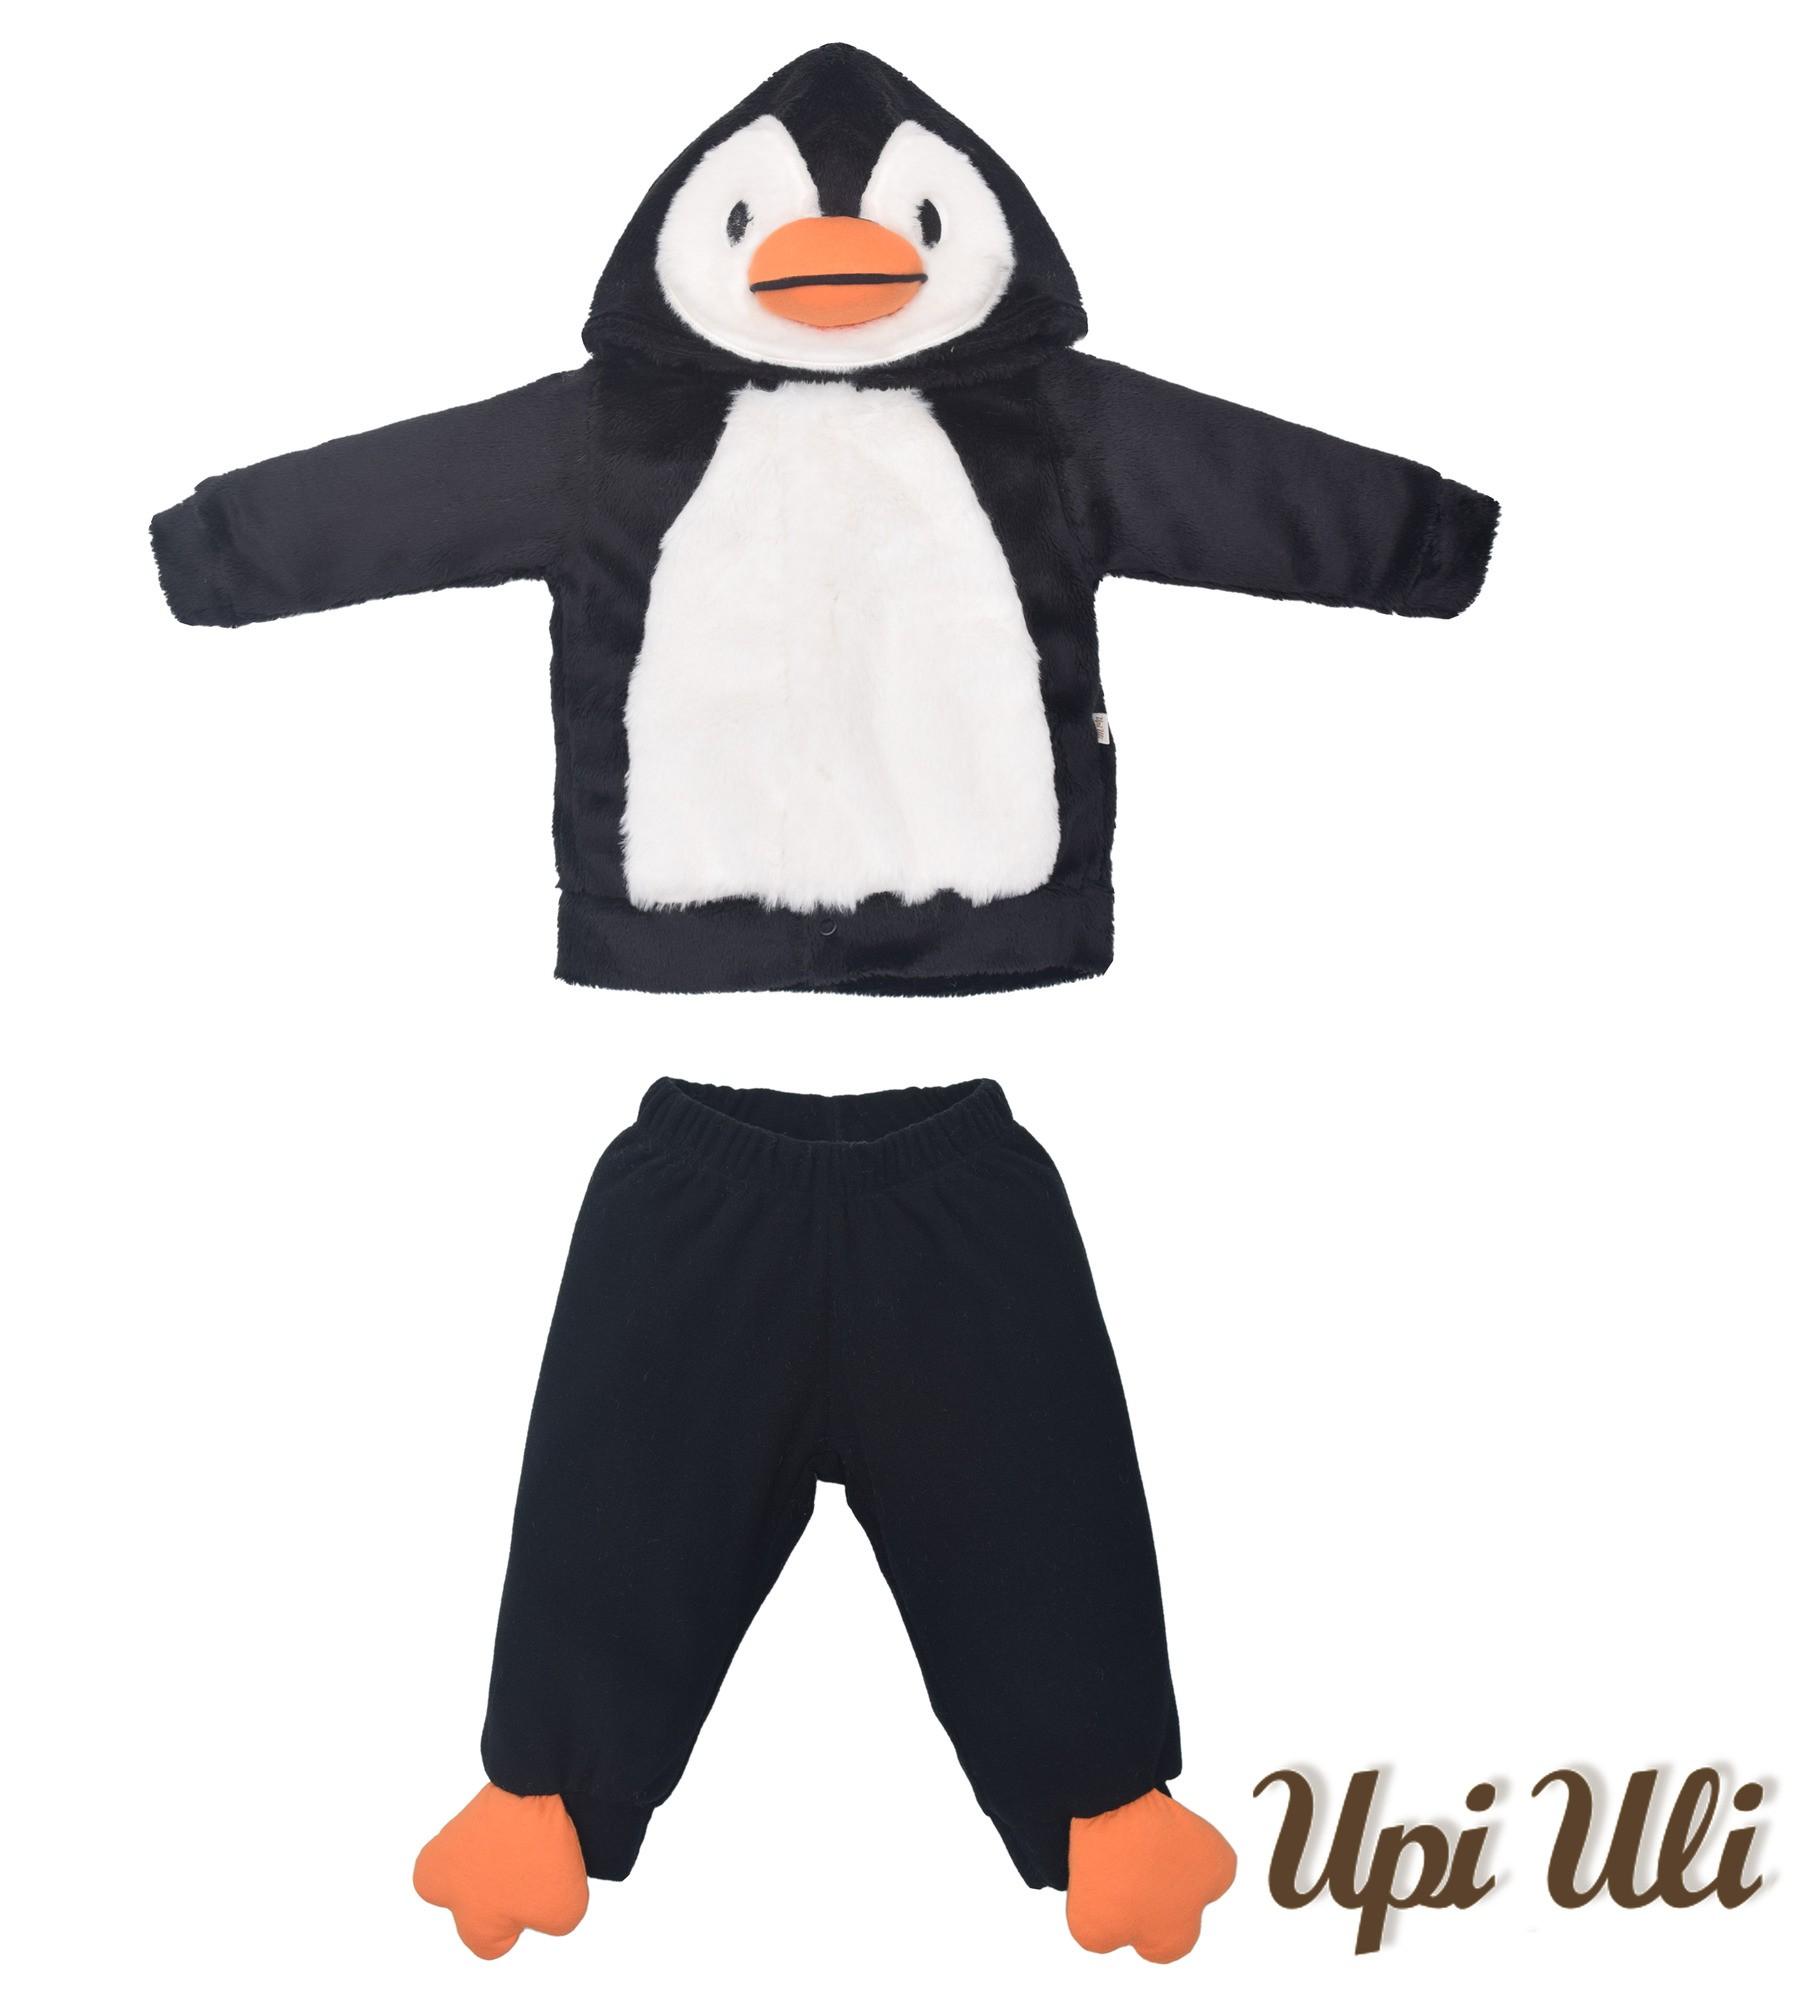 Conjunto C/ Capuz  Caress/Pele  Agata Pinguim